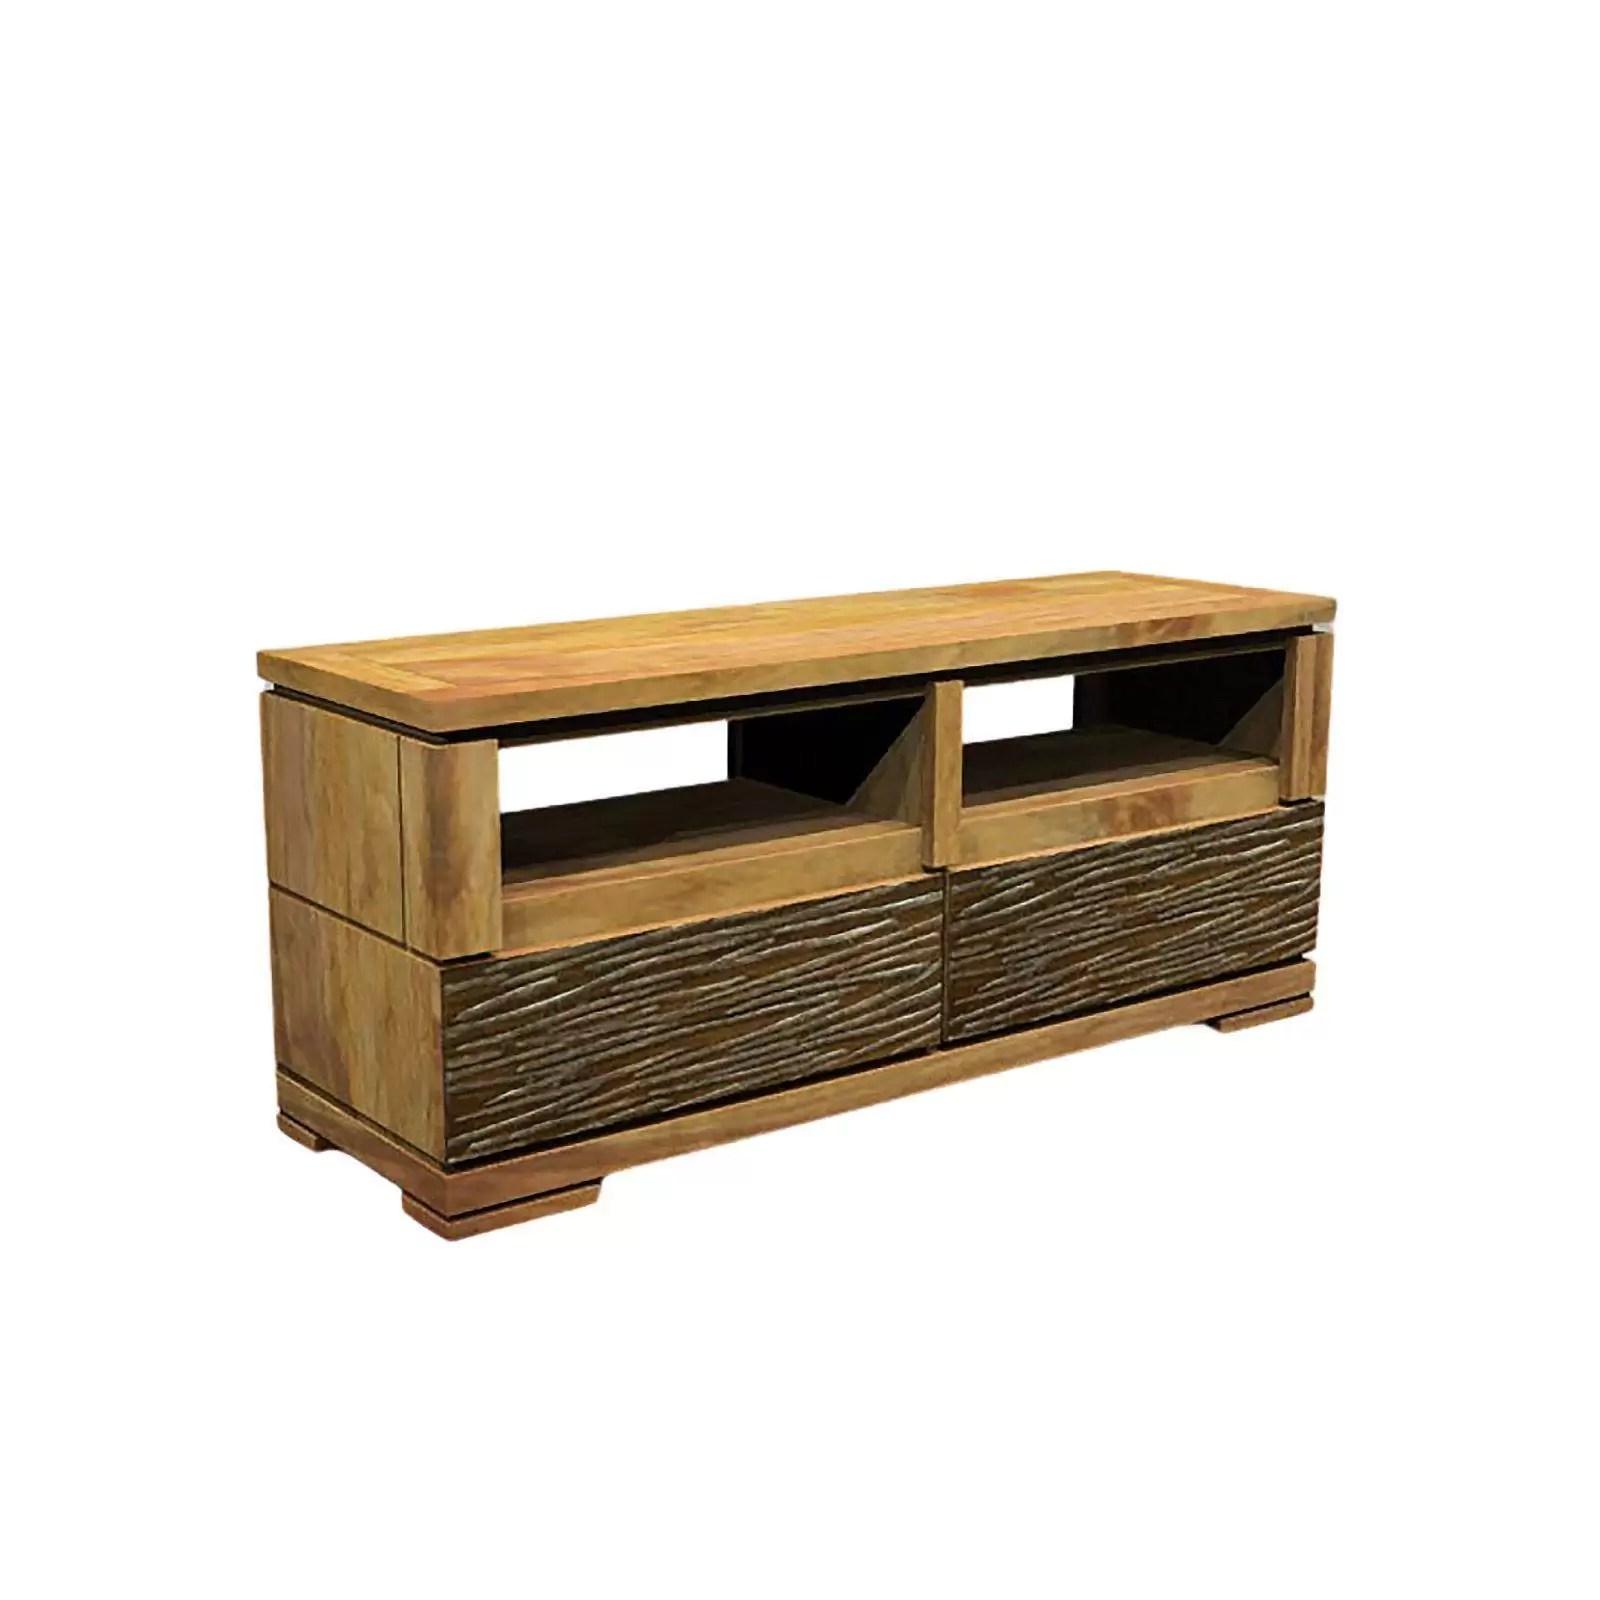 meuble tv maya ethnique chic en bois d acacia massif 2 tiroirs et 2 niches